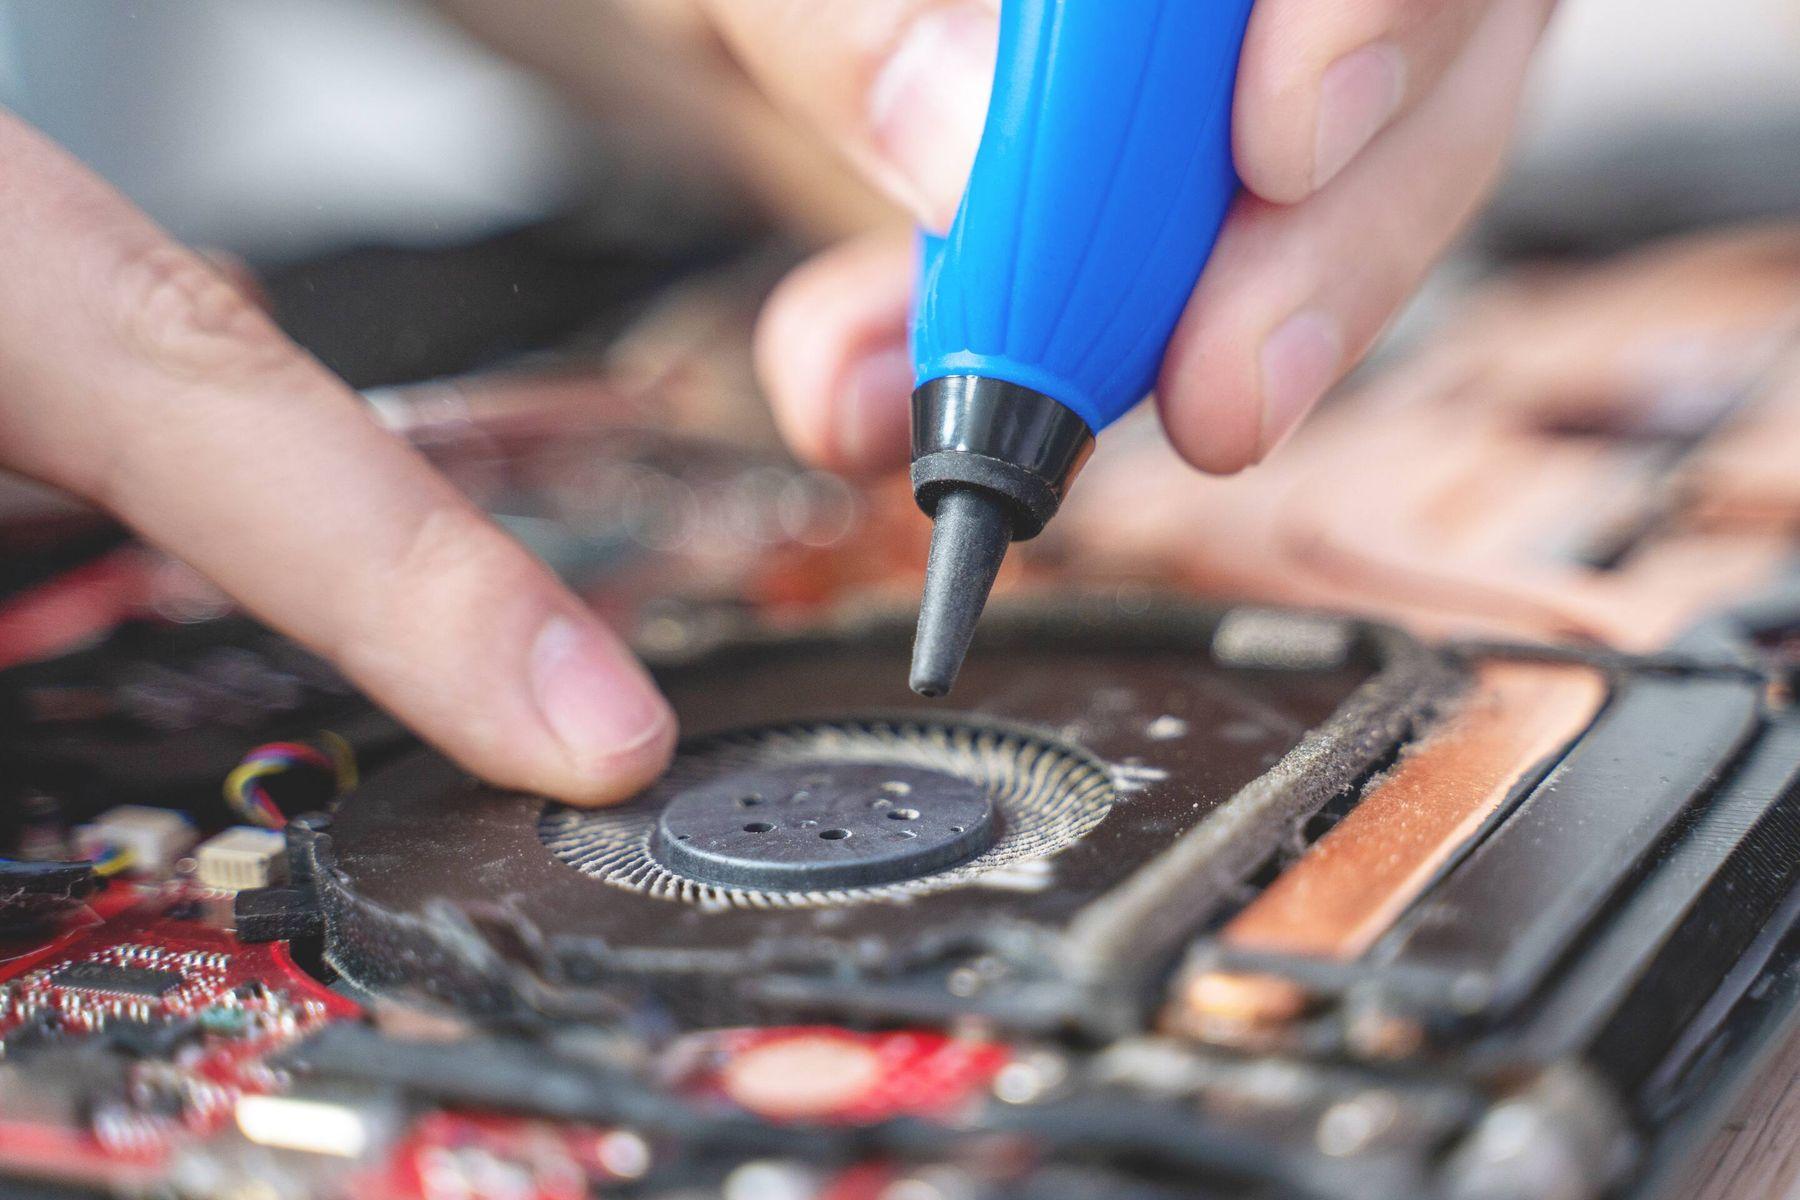 Dùng ống nén khí để thổi bụi bẩn hệ thống bộ tản nhiệt bên trong laptop